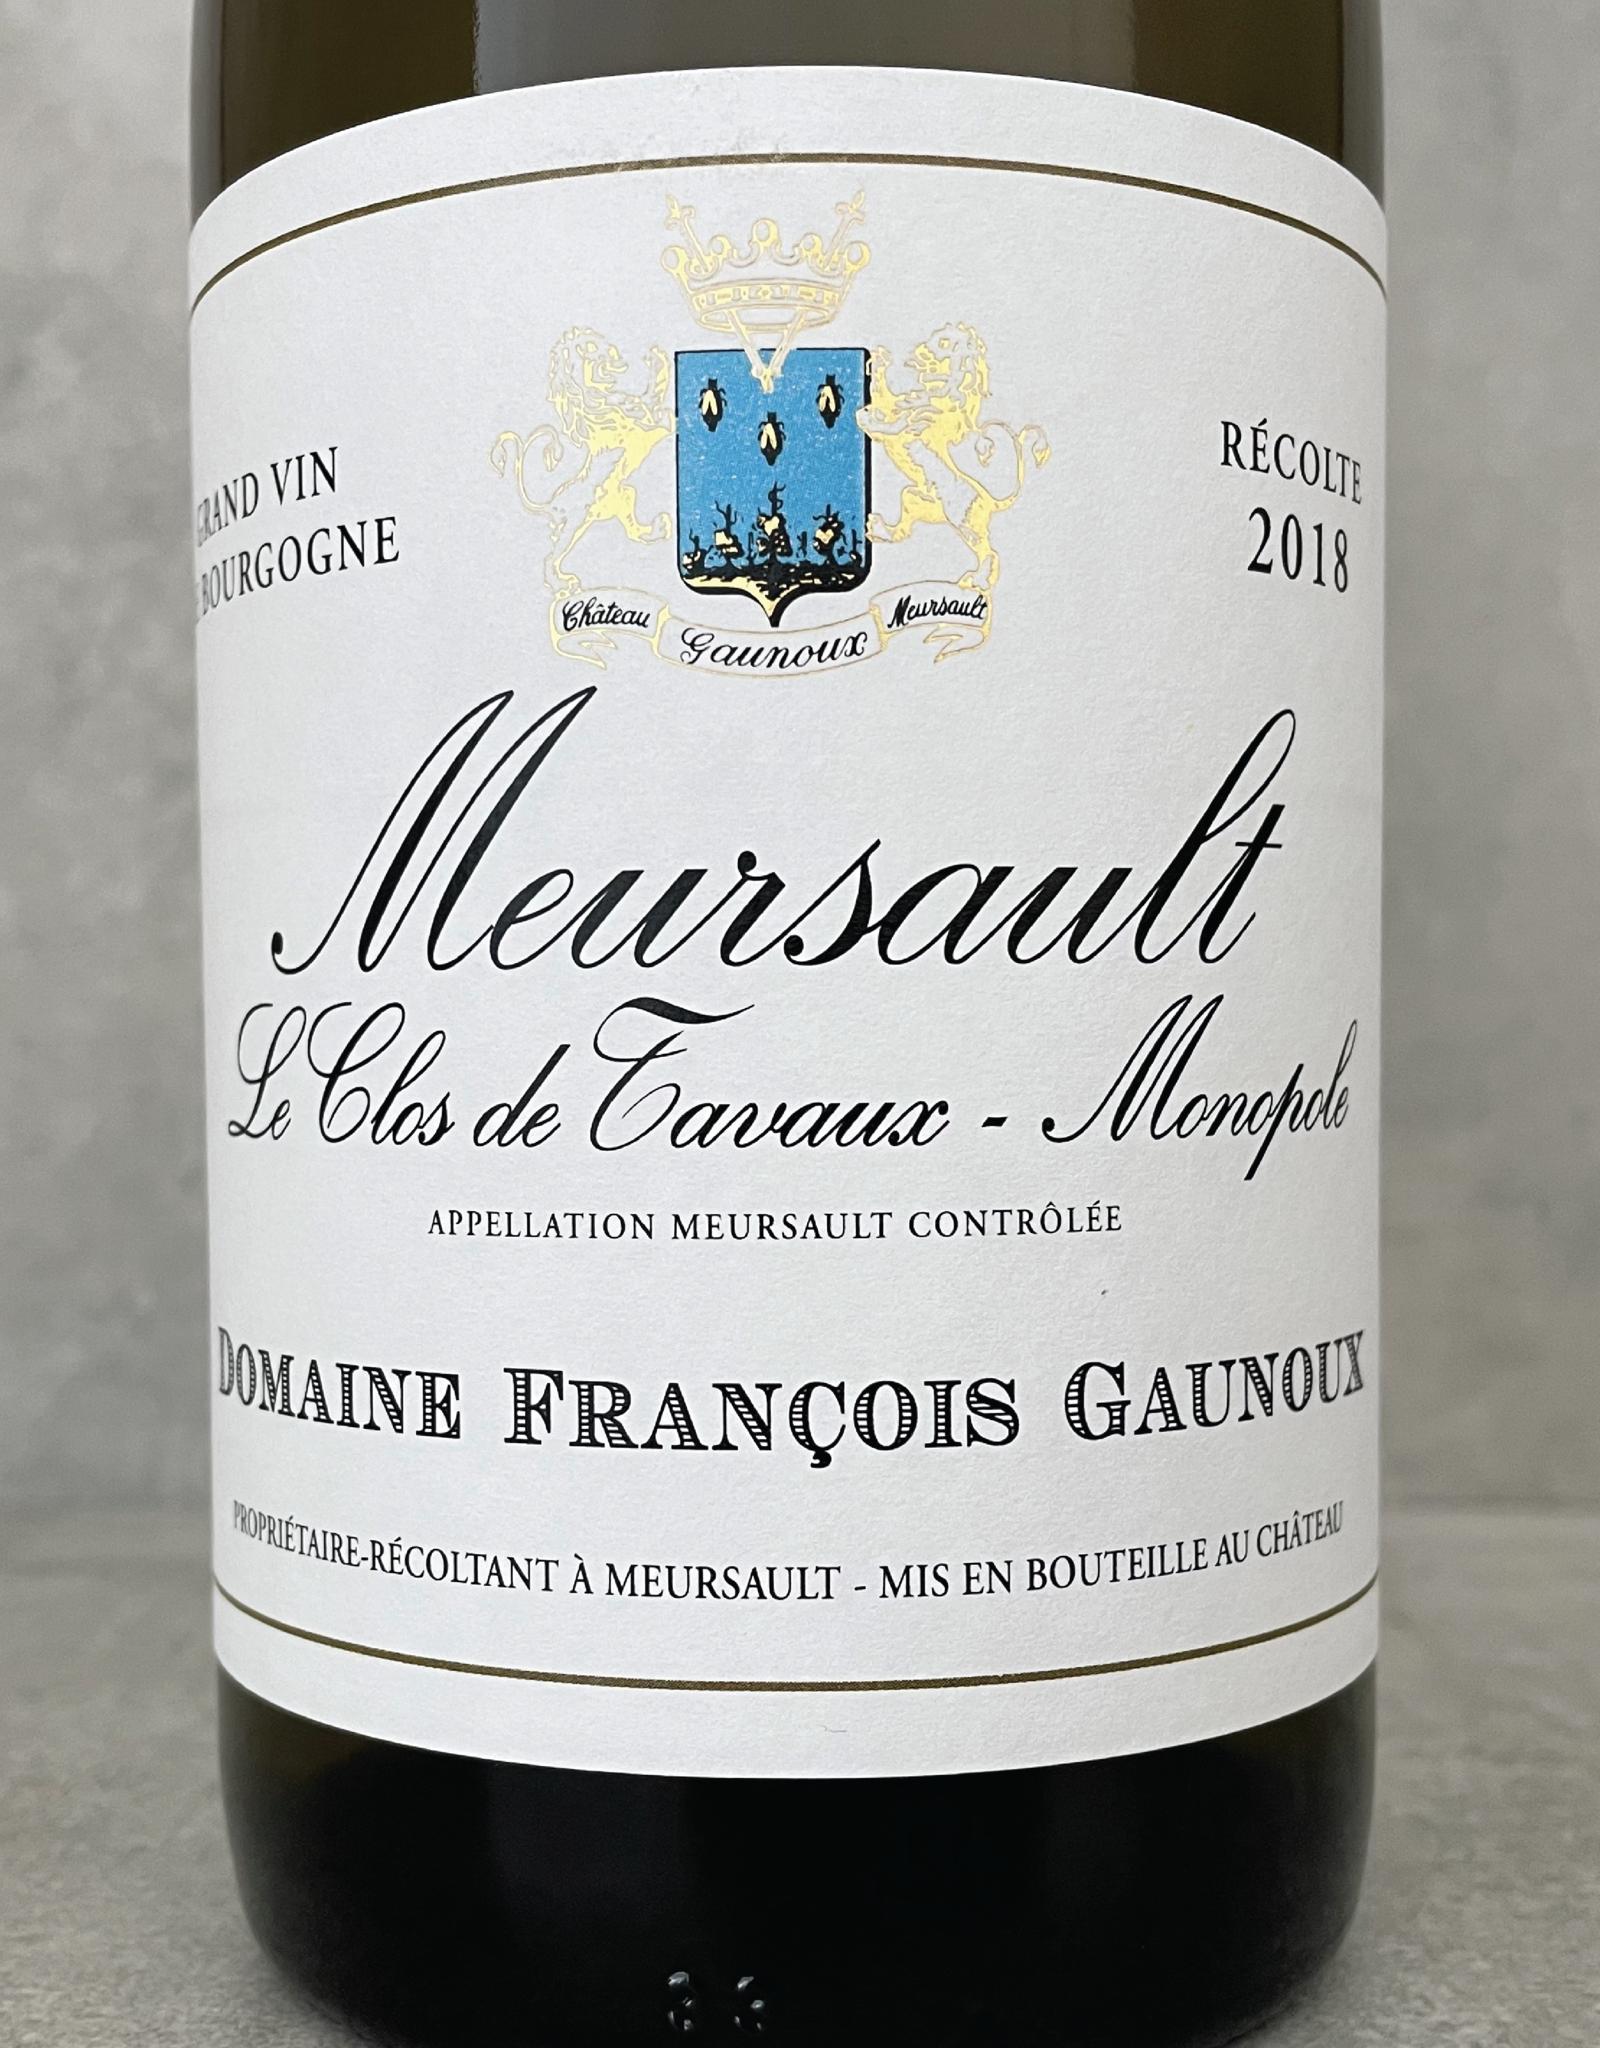 François Gaunoux Meursault Clos de Tavaux Monopole 2015